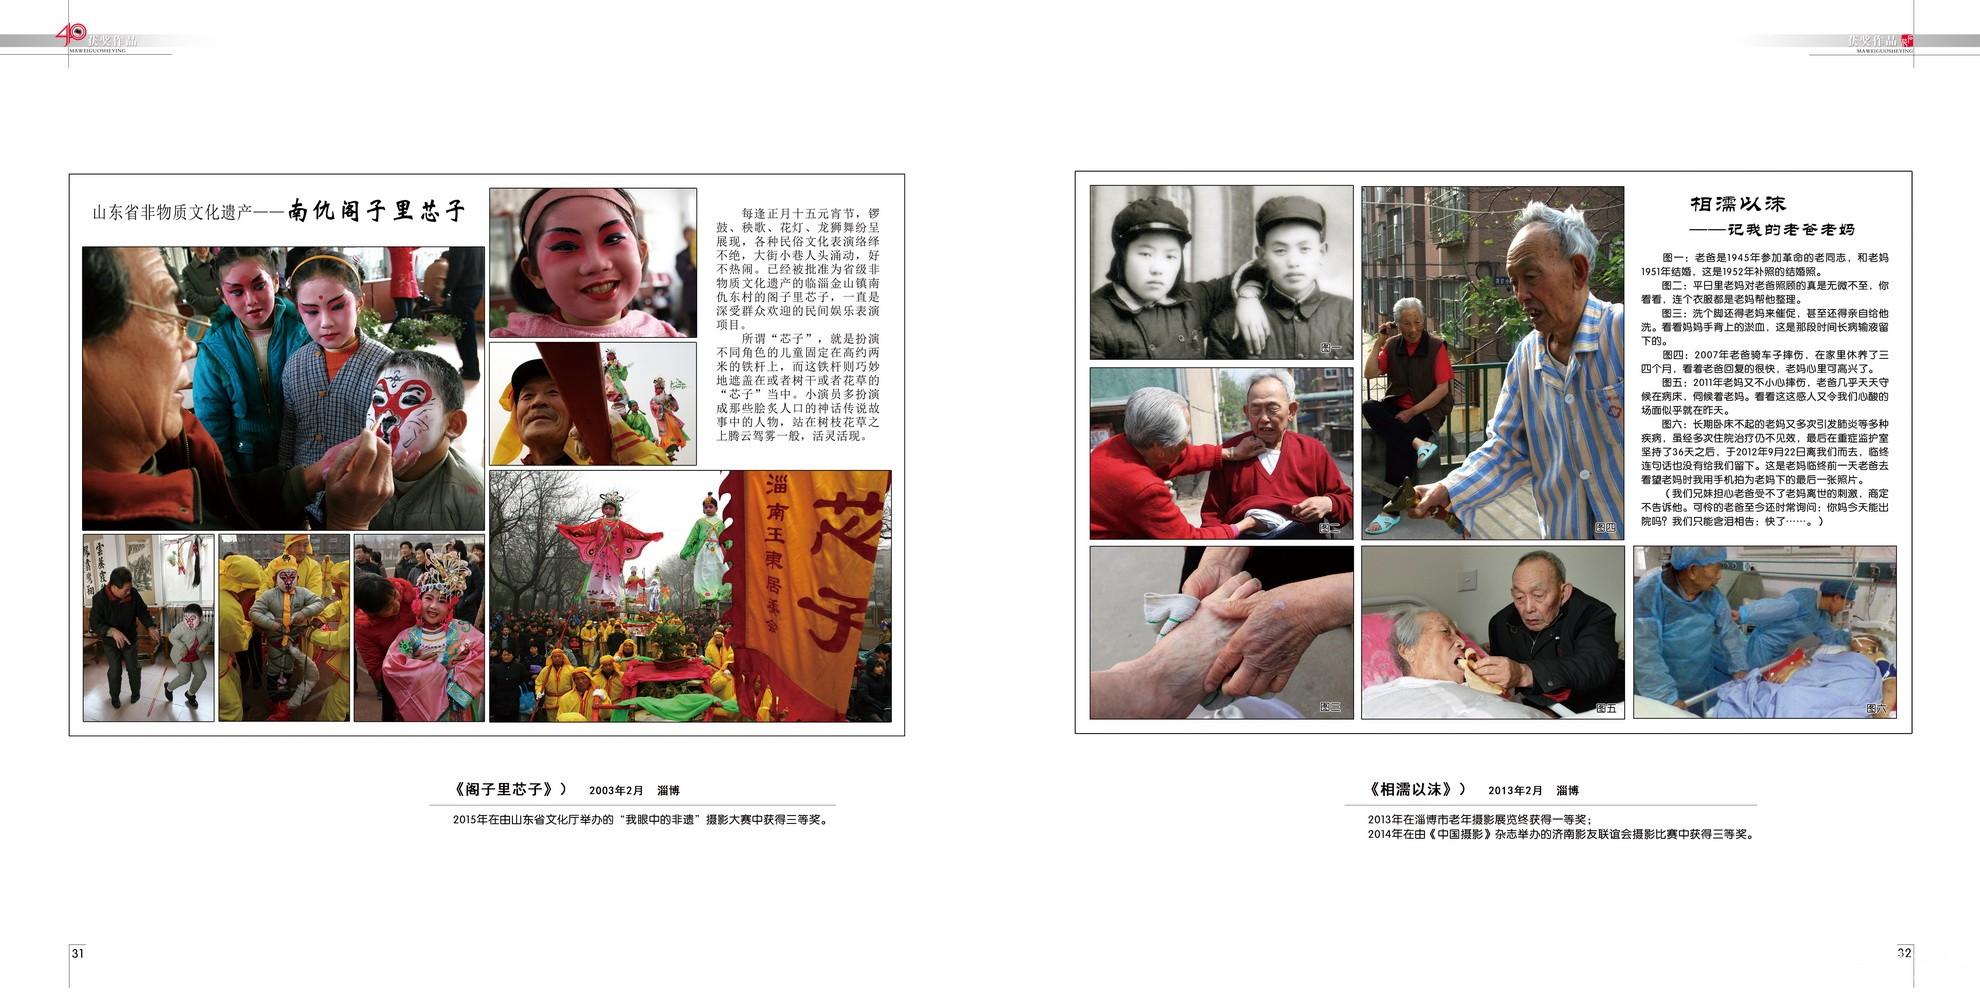 17.获奖作品.2003.02_调整大小.jpg